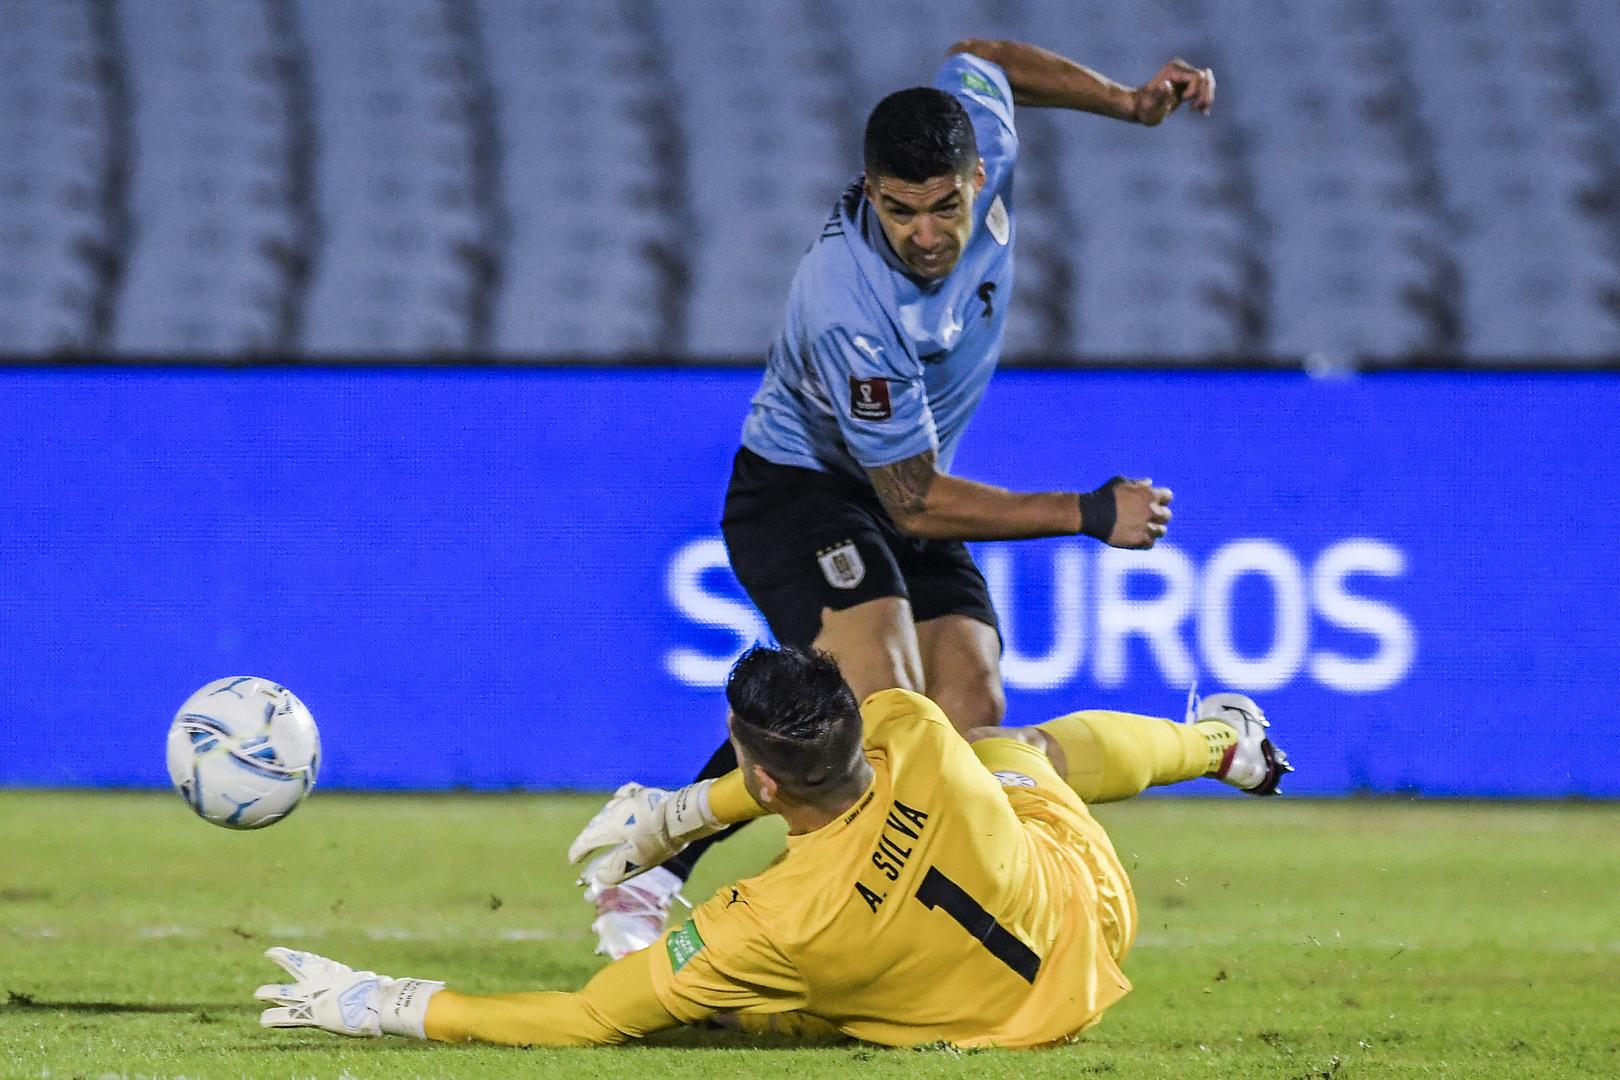 الأوروغواي تهدر نقطتين أمام باراغواي في تصفيات كأس العالم (فيديو)